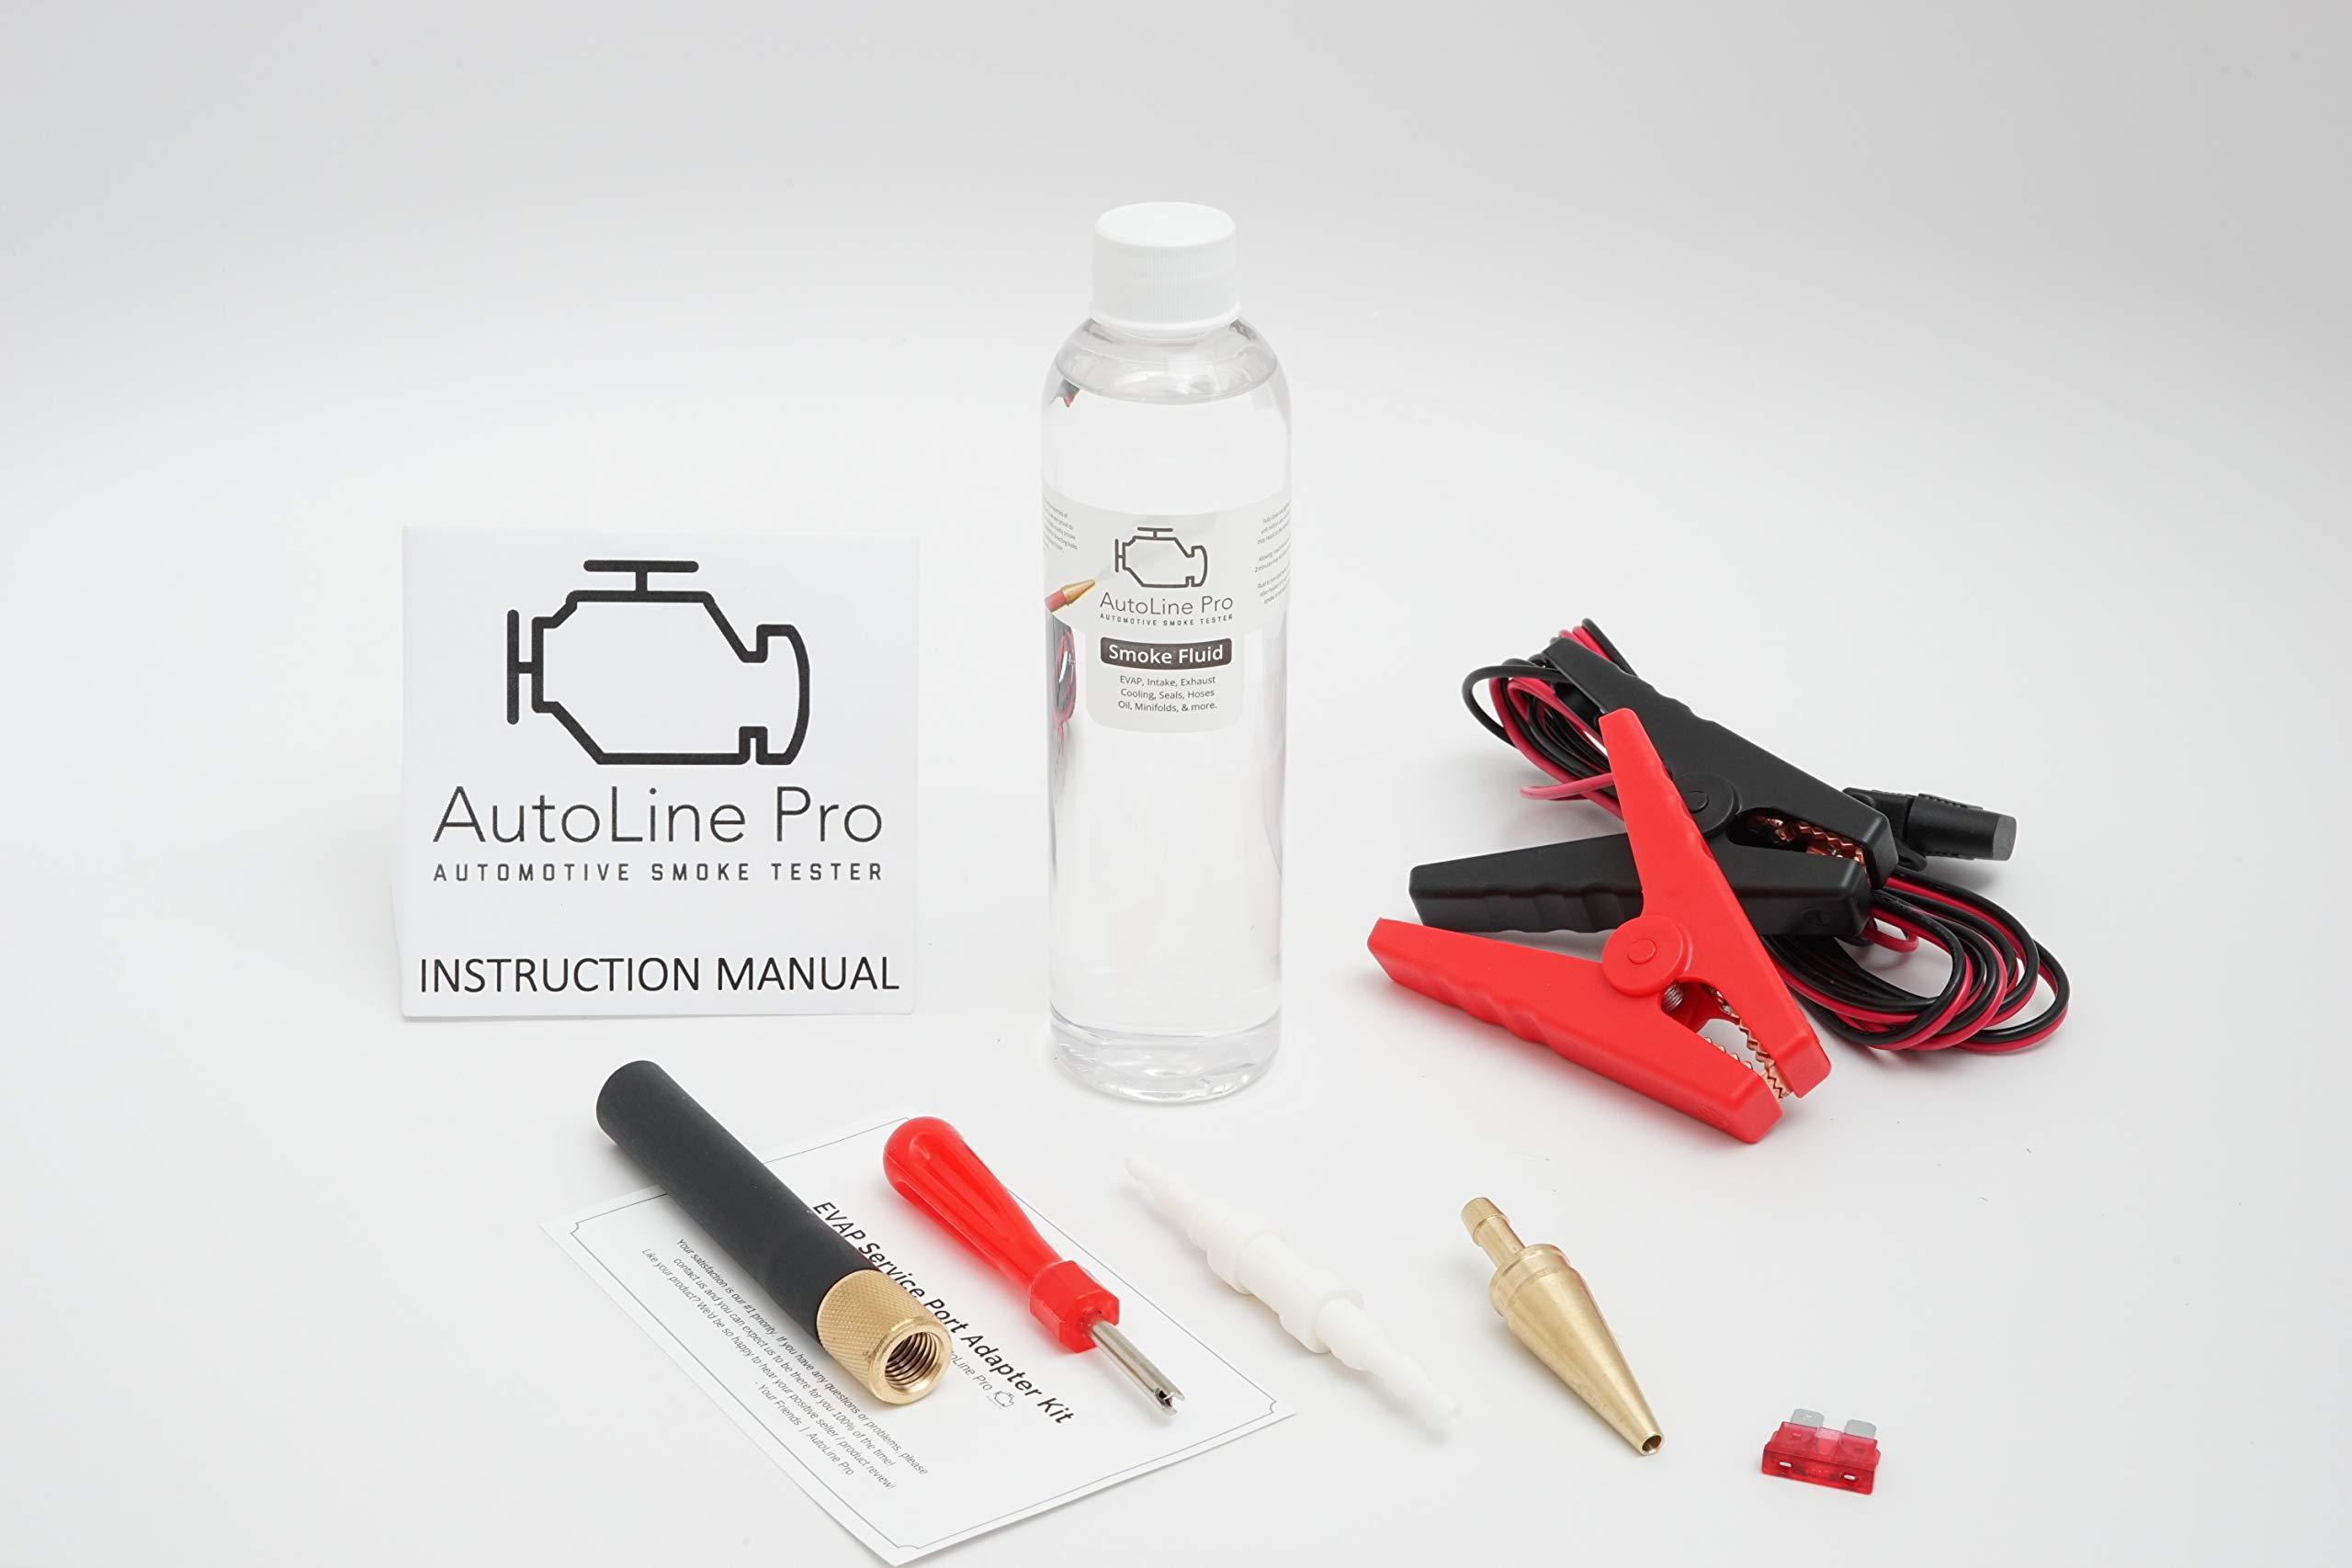 AutoLine Pro EVAP Vacuum Automotive Smoke Machine Leak Detector Diagnostic Tester - Shop Series - Compact by AutoLine Pro (Image #5)